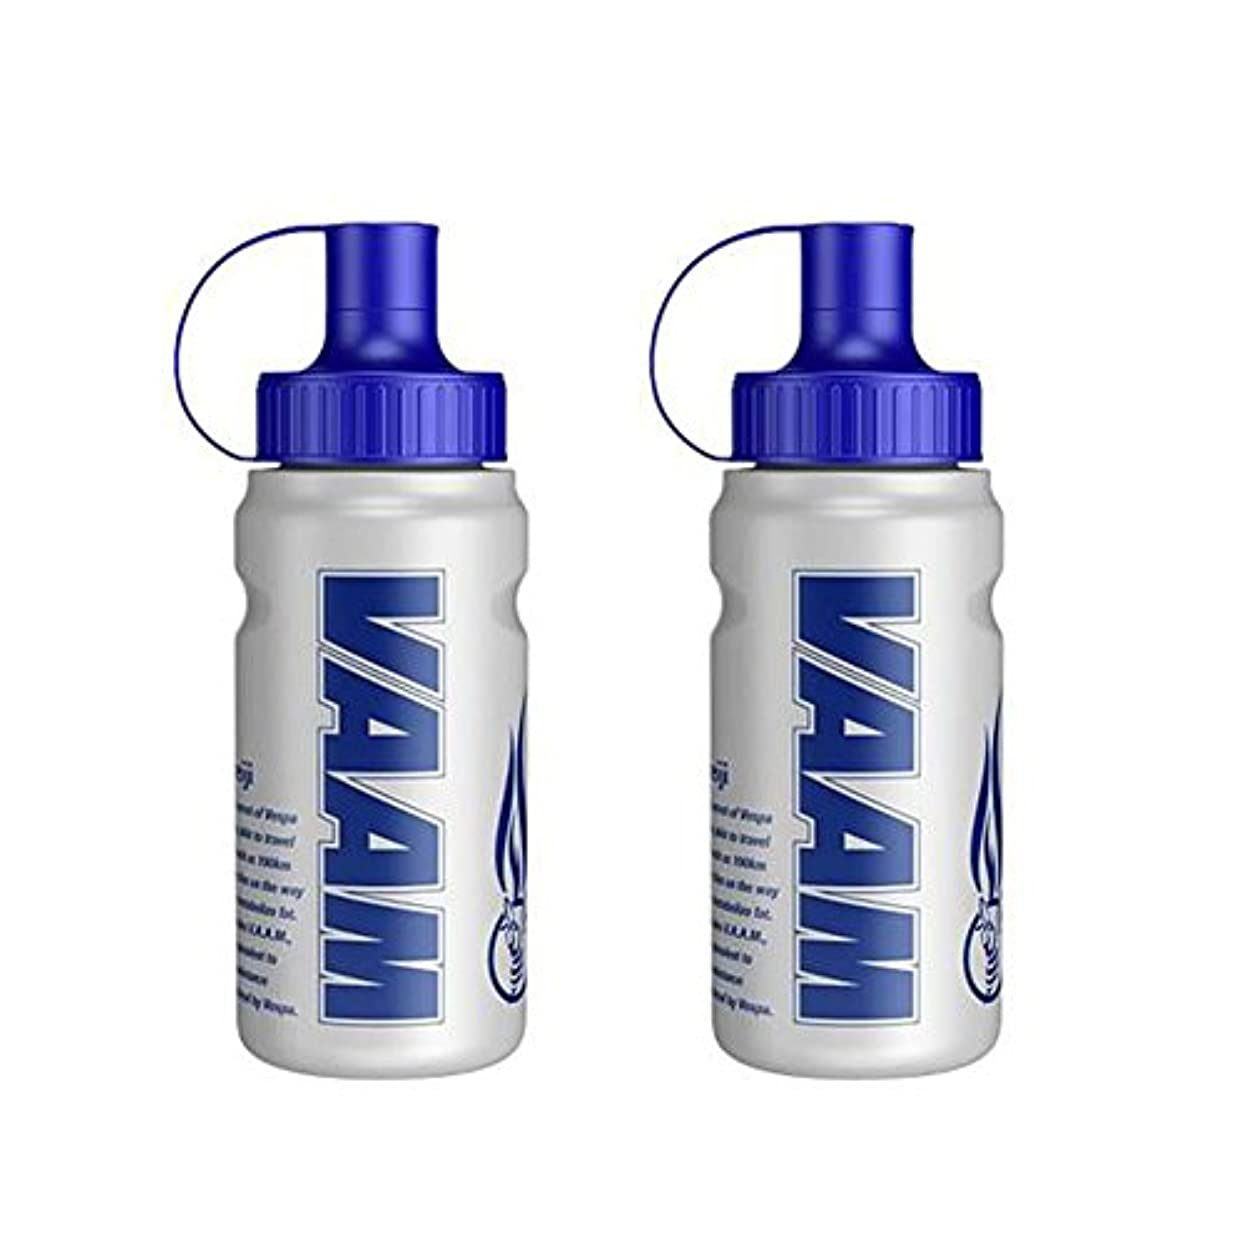 の頭の上強化駅MGN(明治乳業) ヴァームスクイズボトル 500ml 2個セット 2650968-2SET